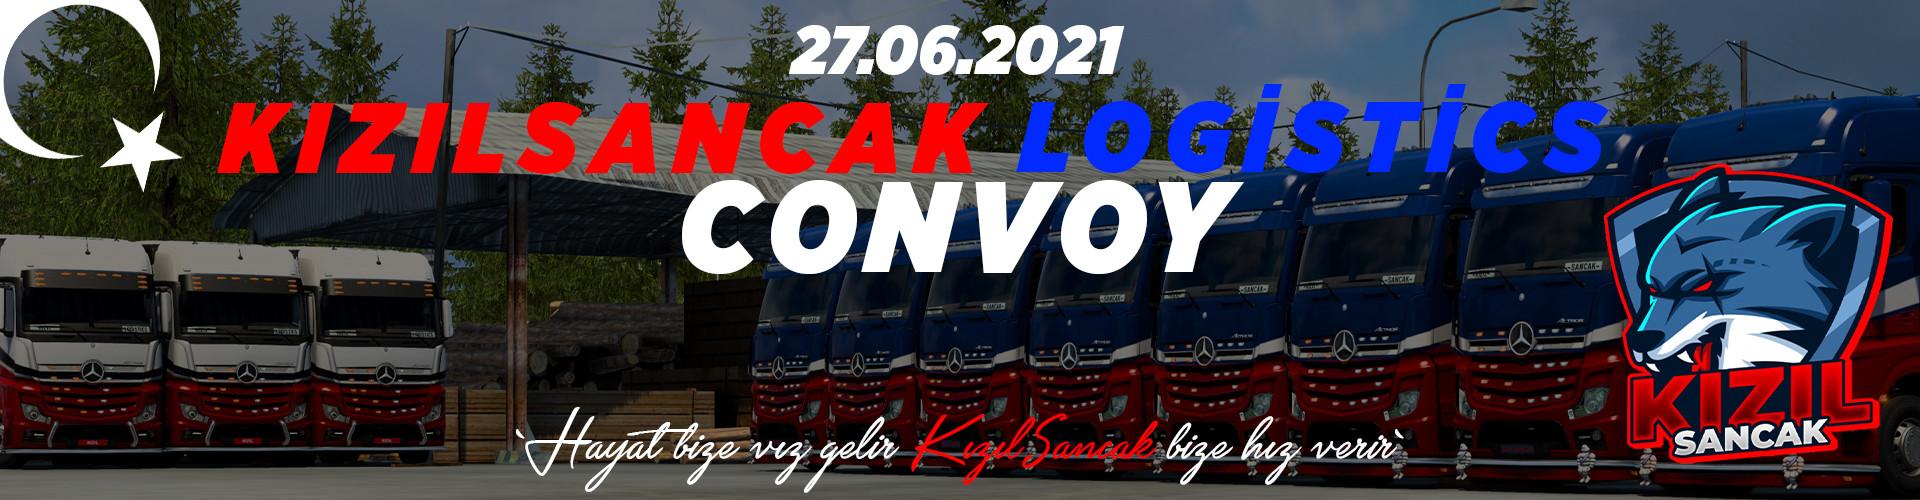 KizilSancak VTC Convoy